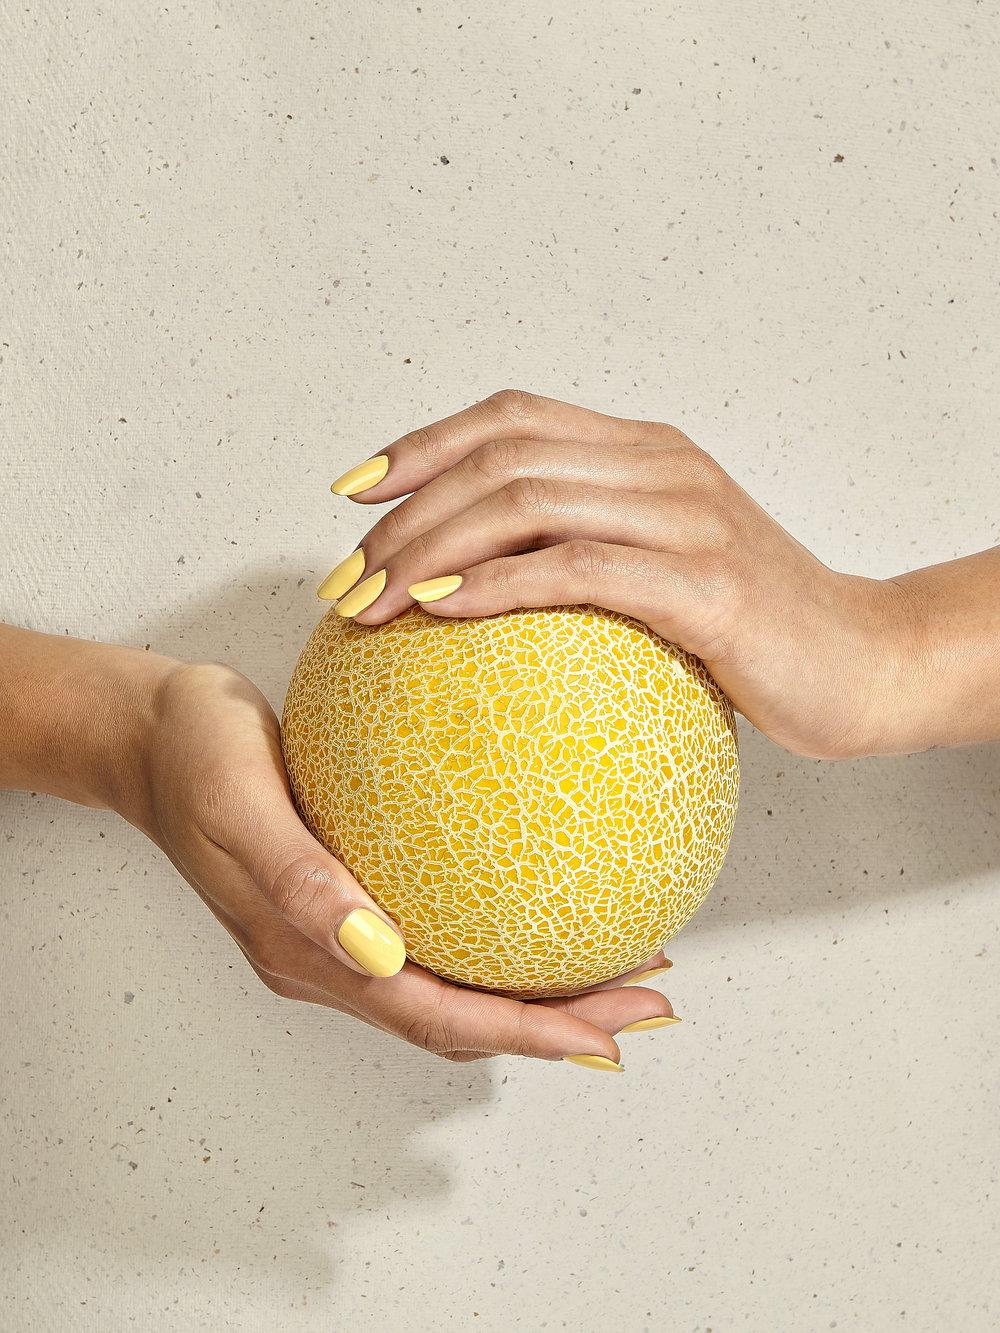 Fruityhands_0003.jpg